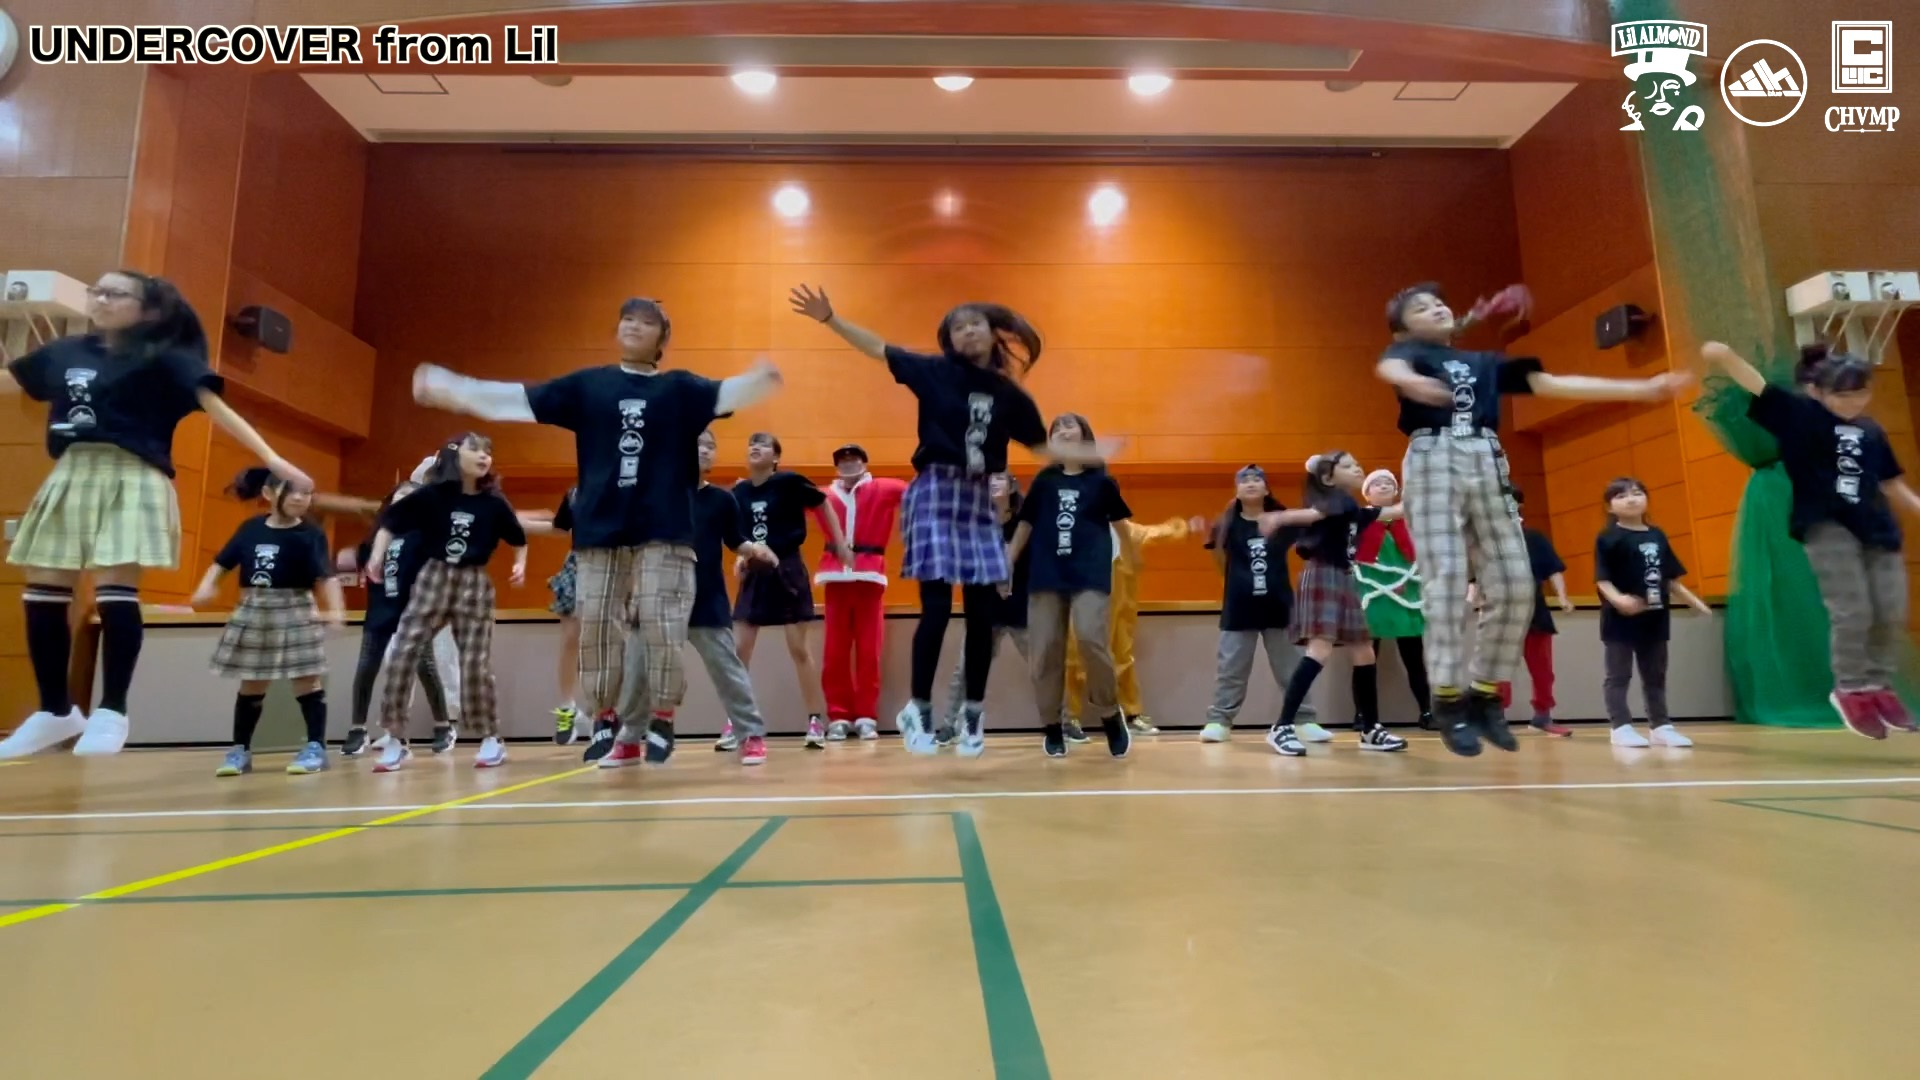 戸塚区 キッズダンス   UNDERCOVER From Lil クリスマス会